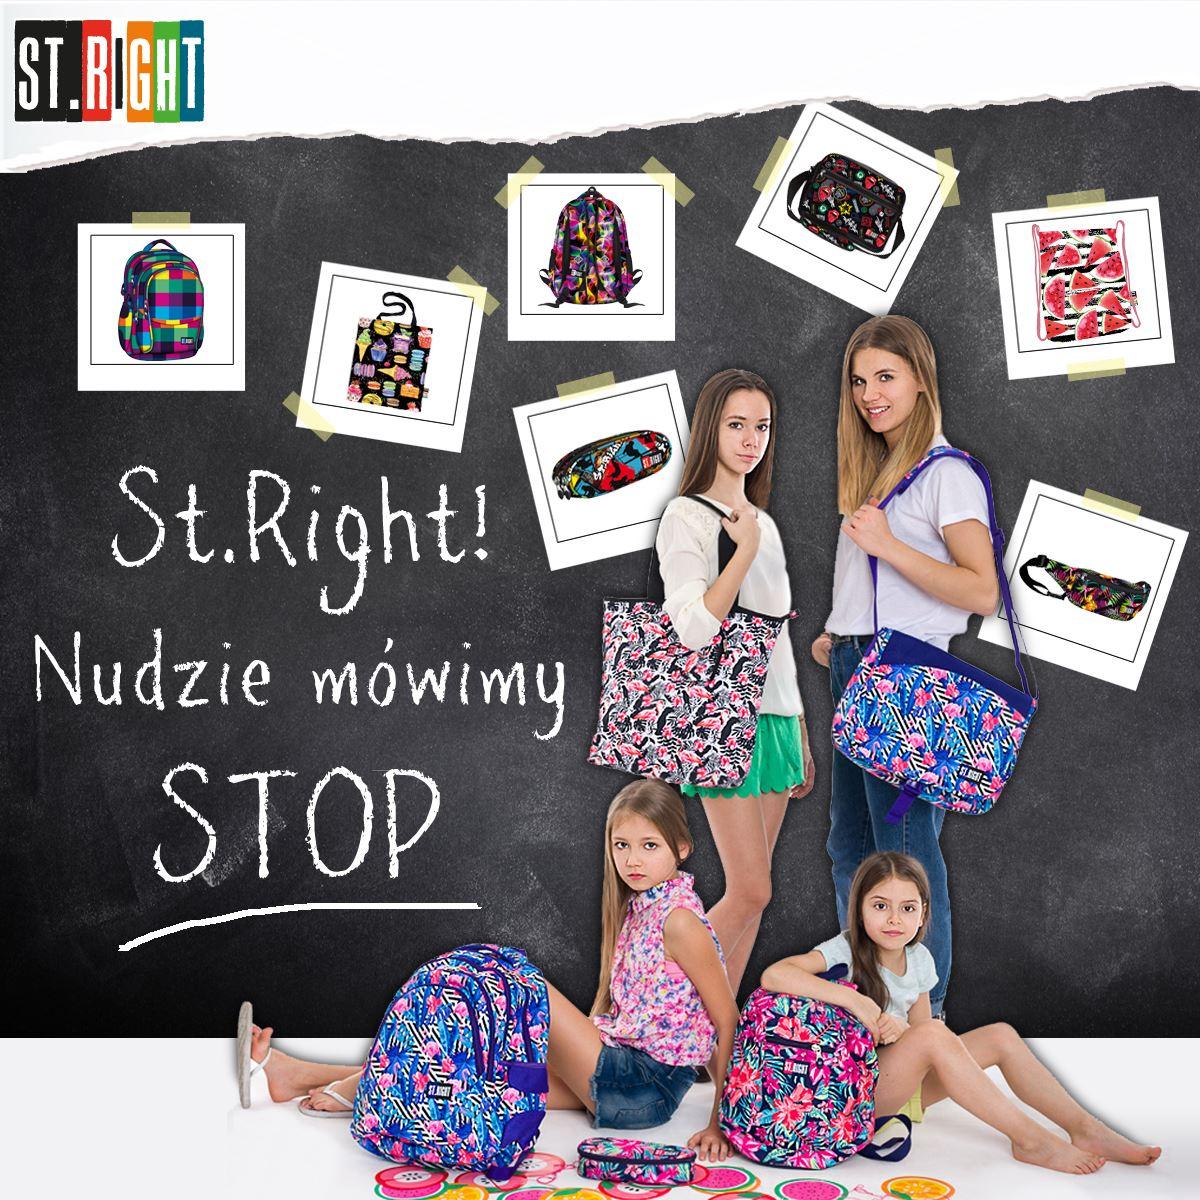 Nowa kolekcja plecaków i akcesoriów ST.RIGHT dla młodzieży